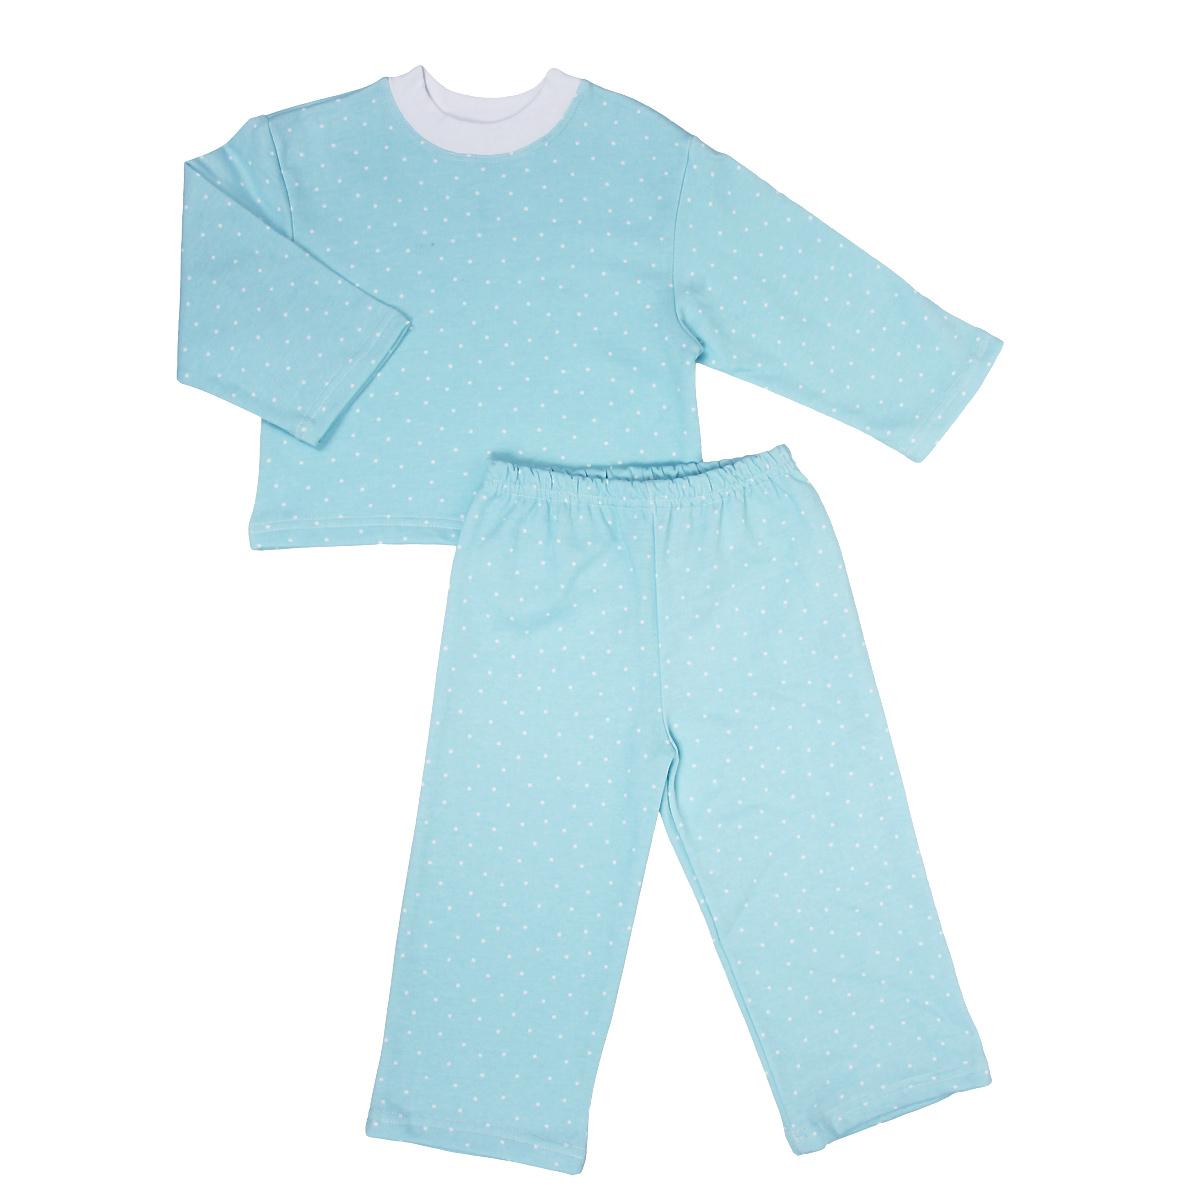 Пижама детская Трон-плюс, цвет: голубой, белый, рисунок горох. 5553. Размер 98/104, 3-5 лет5553Яркая детская пижама Трон-плюс, состоящая из кофточки и штанишек, идеально подойдет вашему малышу и станет отличным дополнением к детскому гардеробу. Теплая пижама, изготовленная из набивного футера - натурального хлопка, необычайно мягкая и легкая, не сковывает движения ребенка, позволяет коже дышать и не раздражает даже самую нежную и чувствительную кожу малыша. Кофта с длинными рукавами имеет круглый вырез горловины. Штанишки на удобной резинке не сдавливают животик ребенка и не сползают.В такой пижаме ваш ребенок будет чувствовать себя комфортно и уютно во время сна.